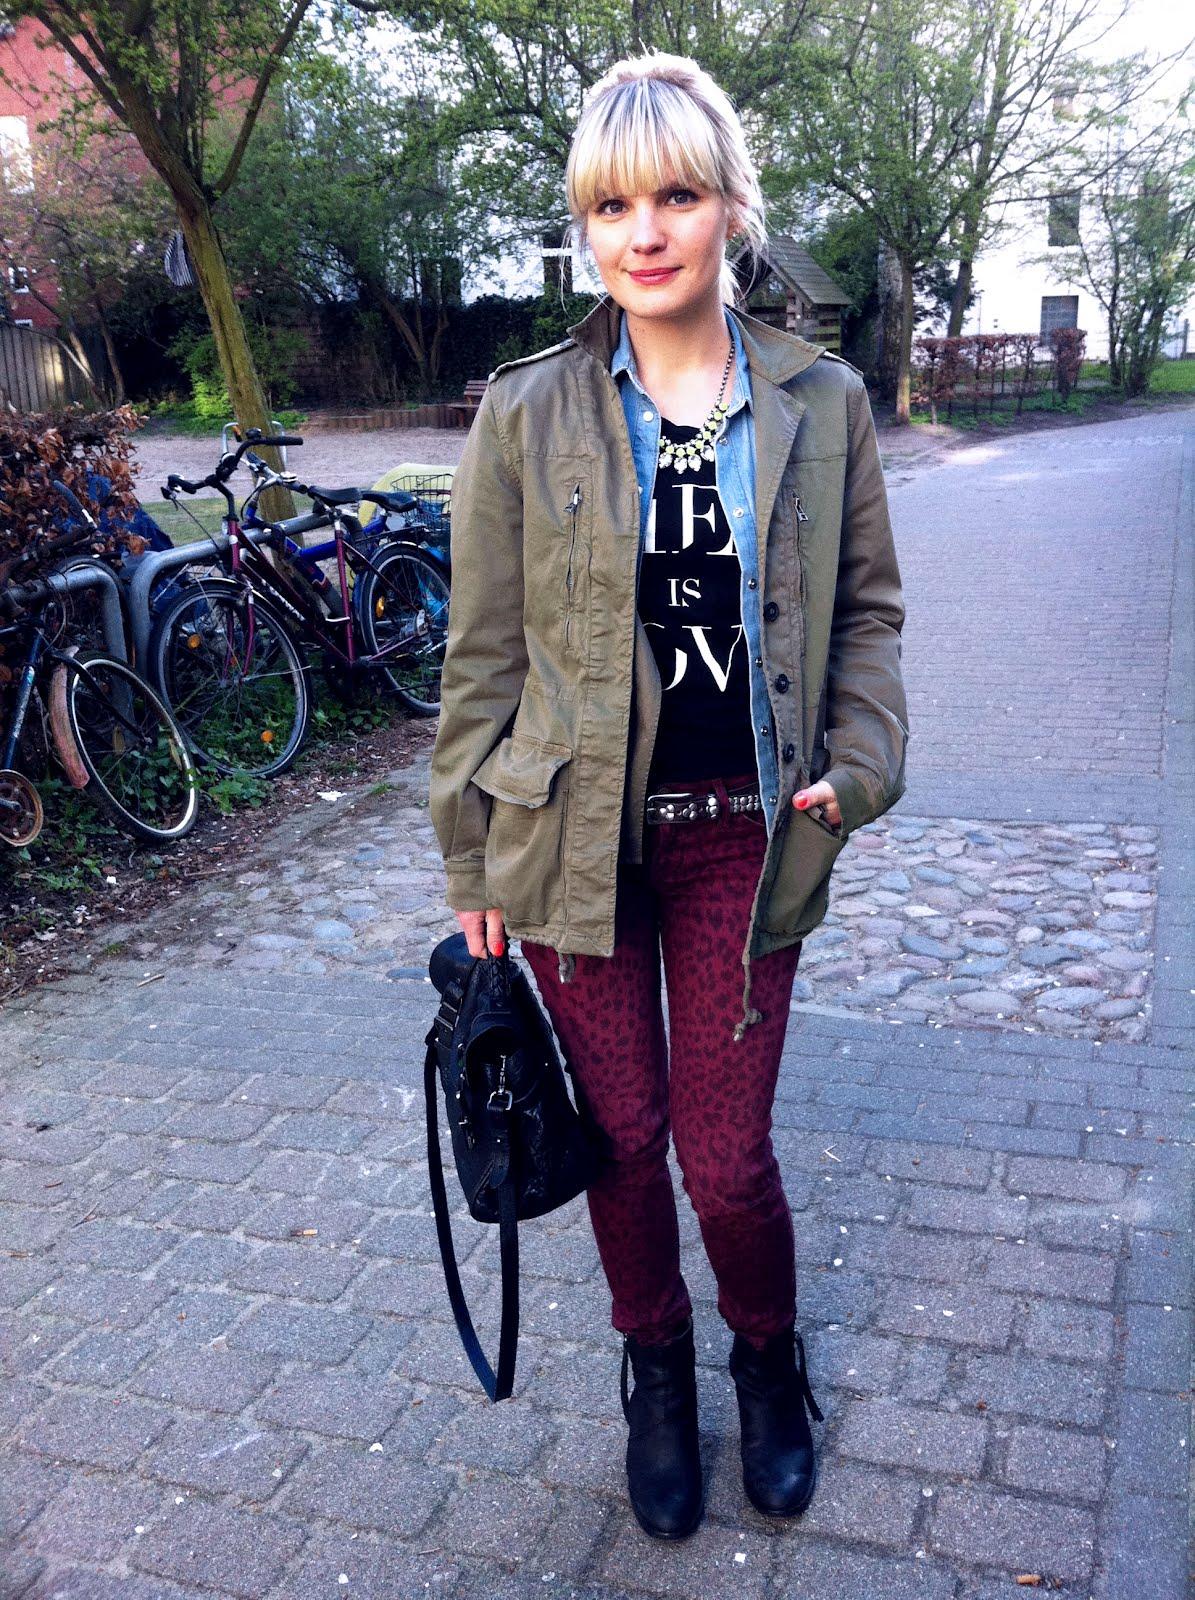 http://4.bp.blogspot.com/-8t7PA9lOqC8/T4yLOV3QftI/AAAAAAAACDE/2bkXyIWVWFo/s1600/Zara_utility_jacket.jpg